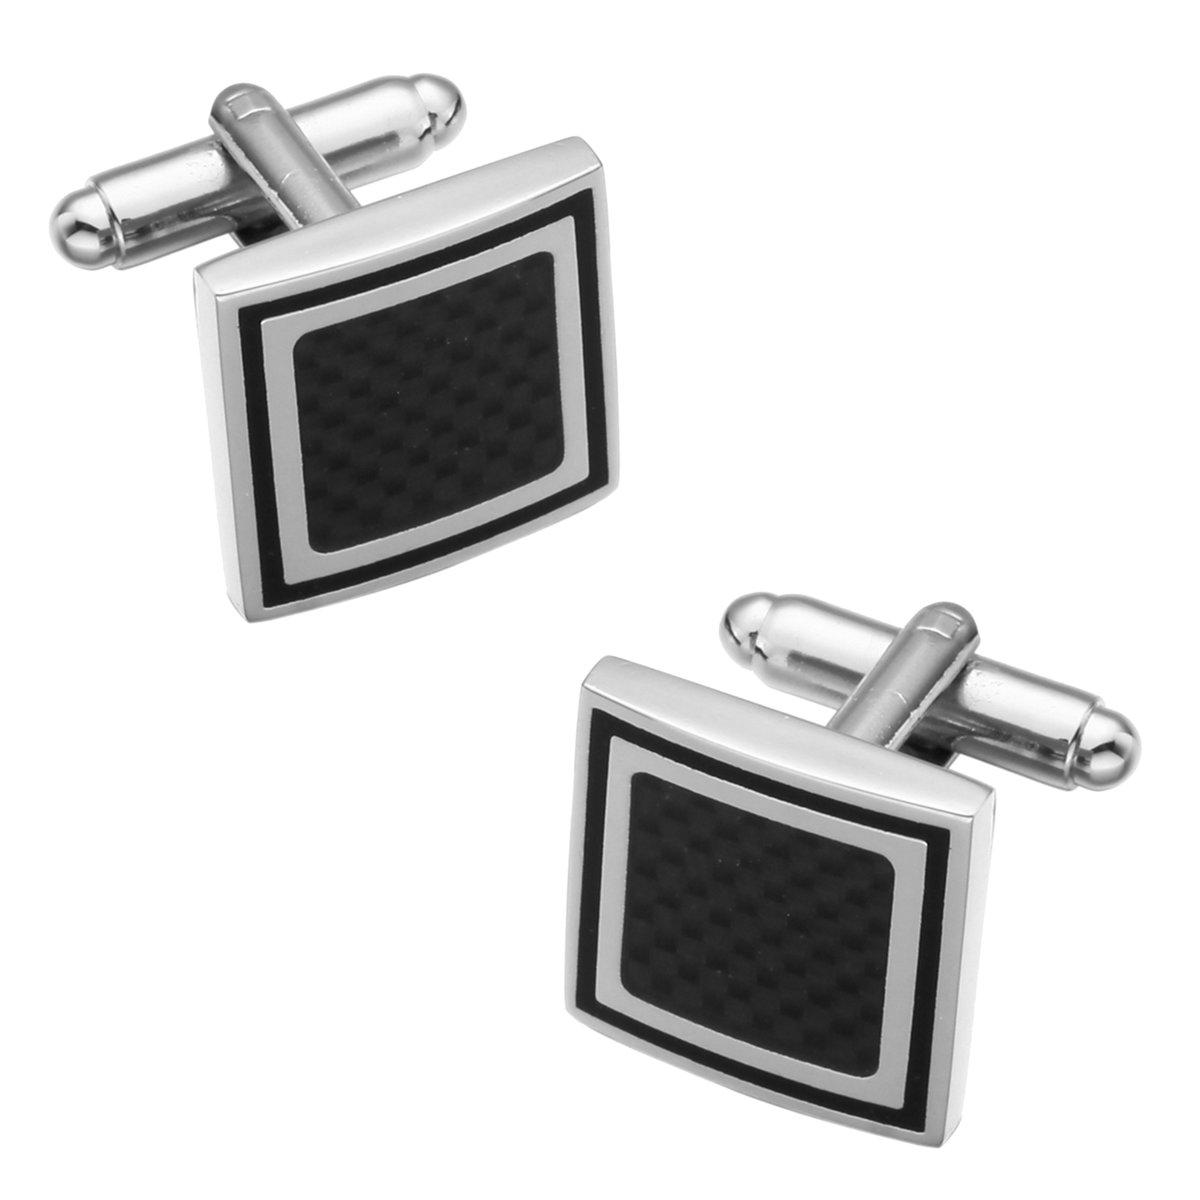 Fako Bijoux® - Manchetknopen - Carbon - Vierkant - Zwart - 17x17mm - Zilverkleurig kopen